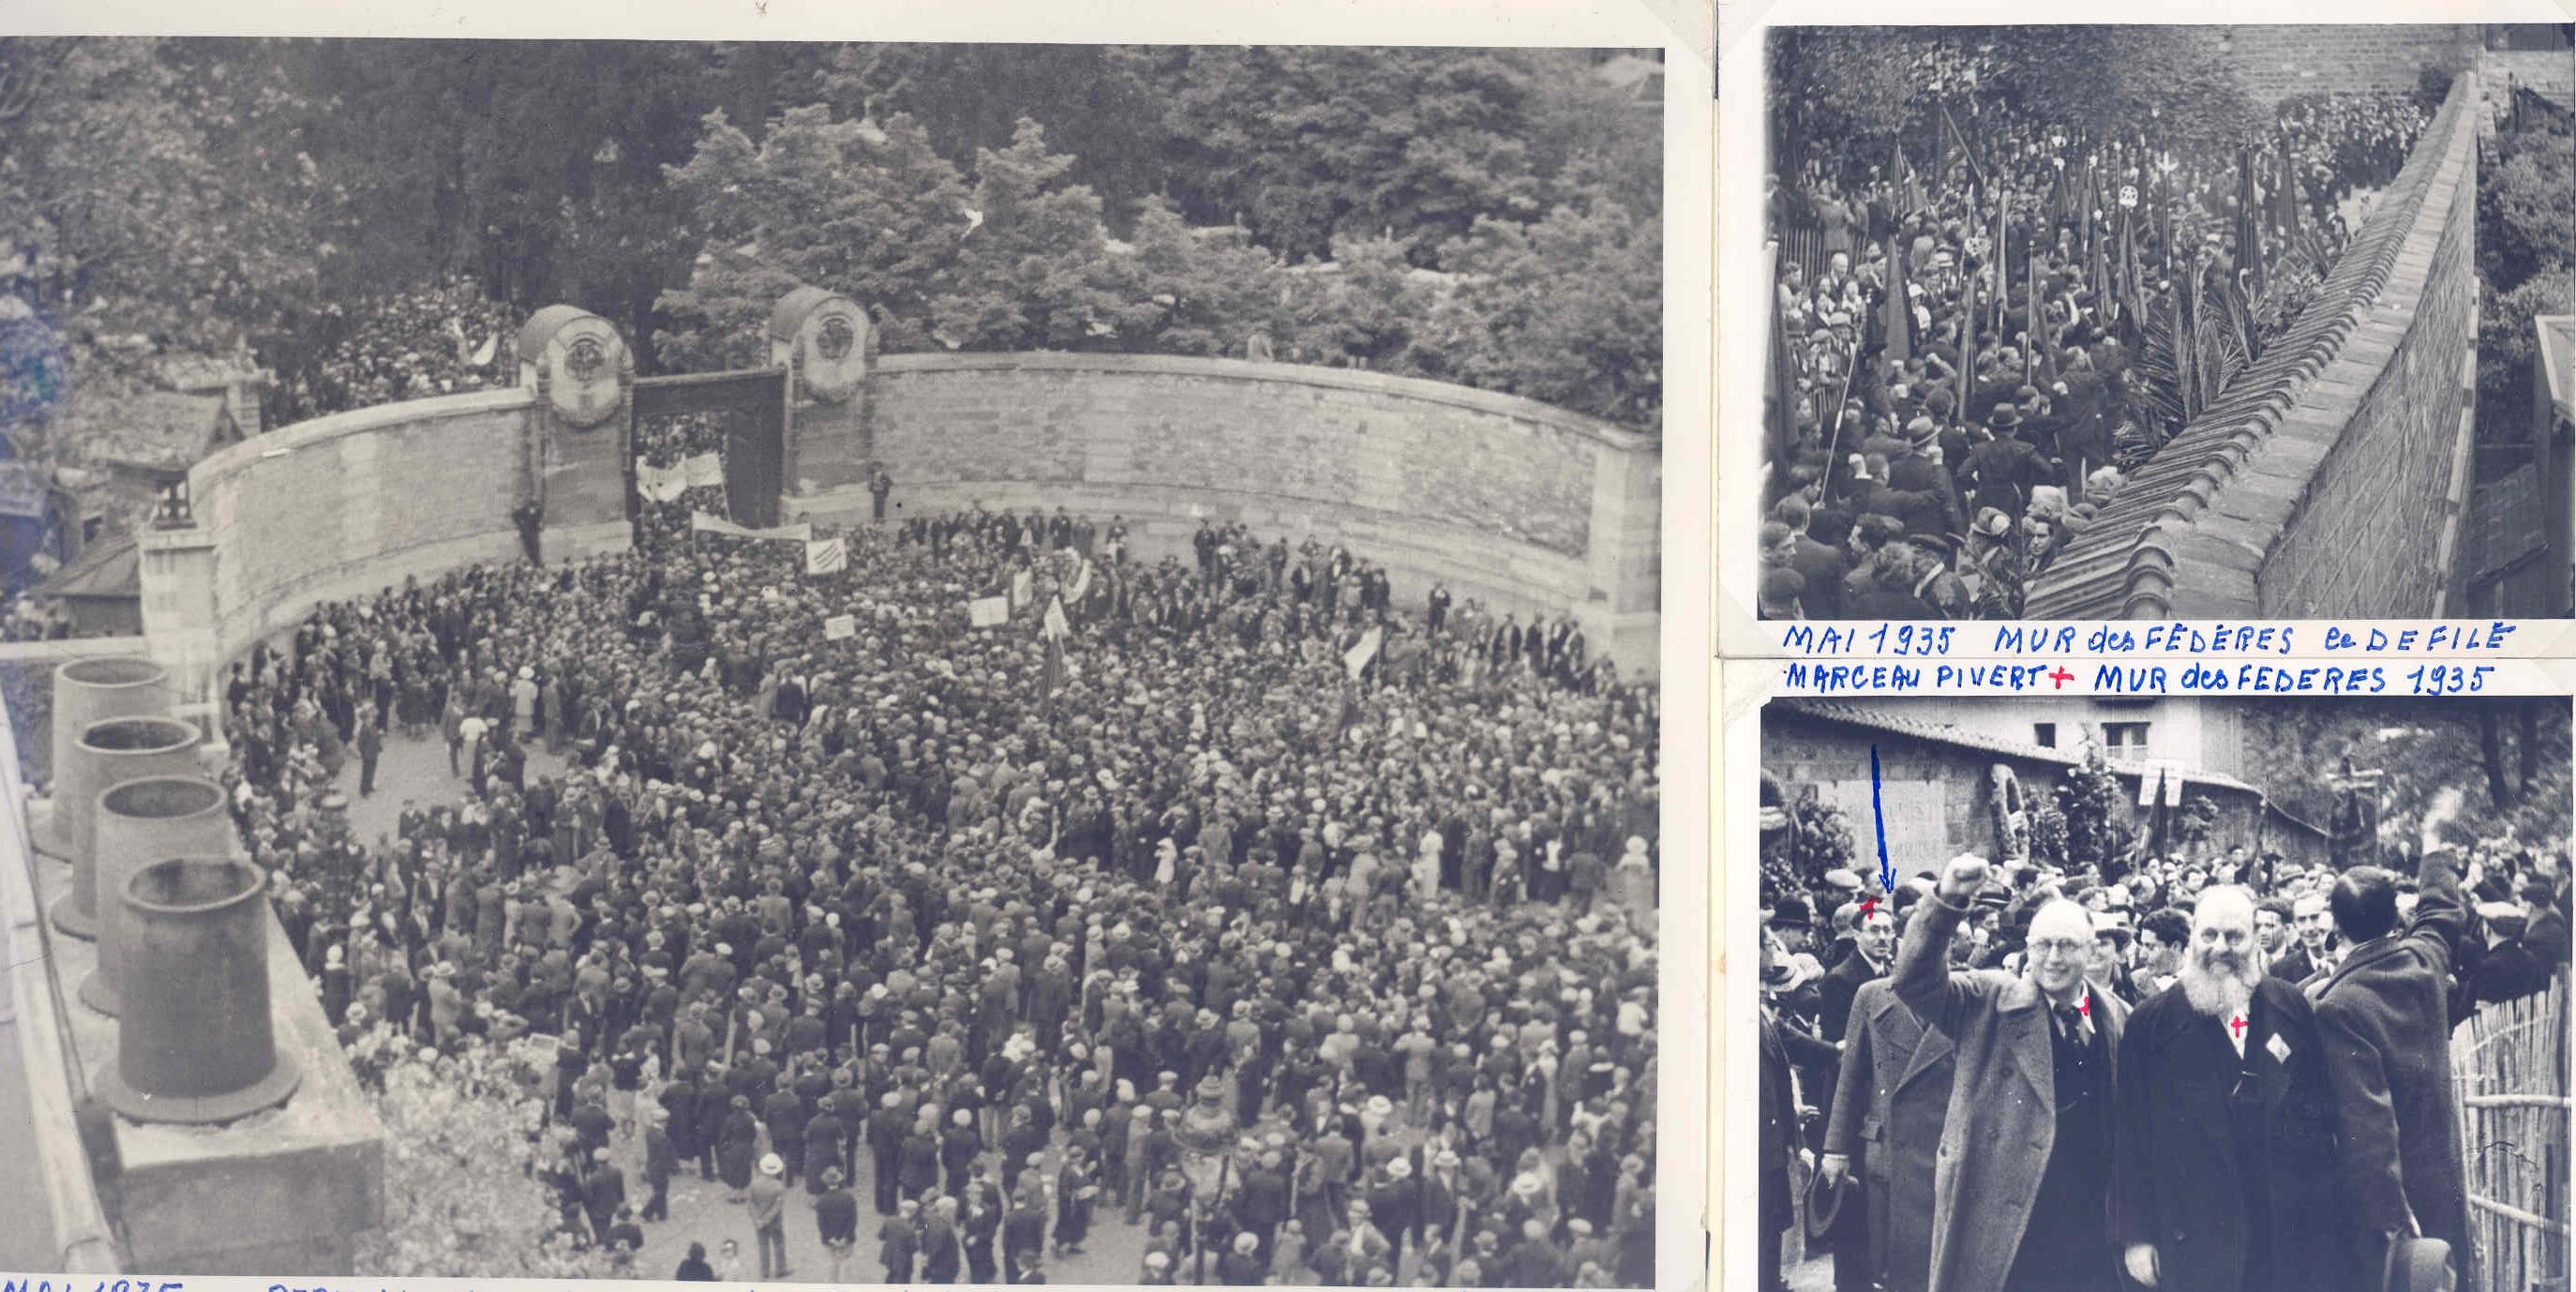 Pivert 1935 Mur des férérés 1er rassemblement commun SFIO-PCF